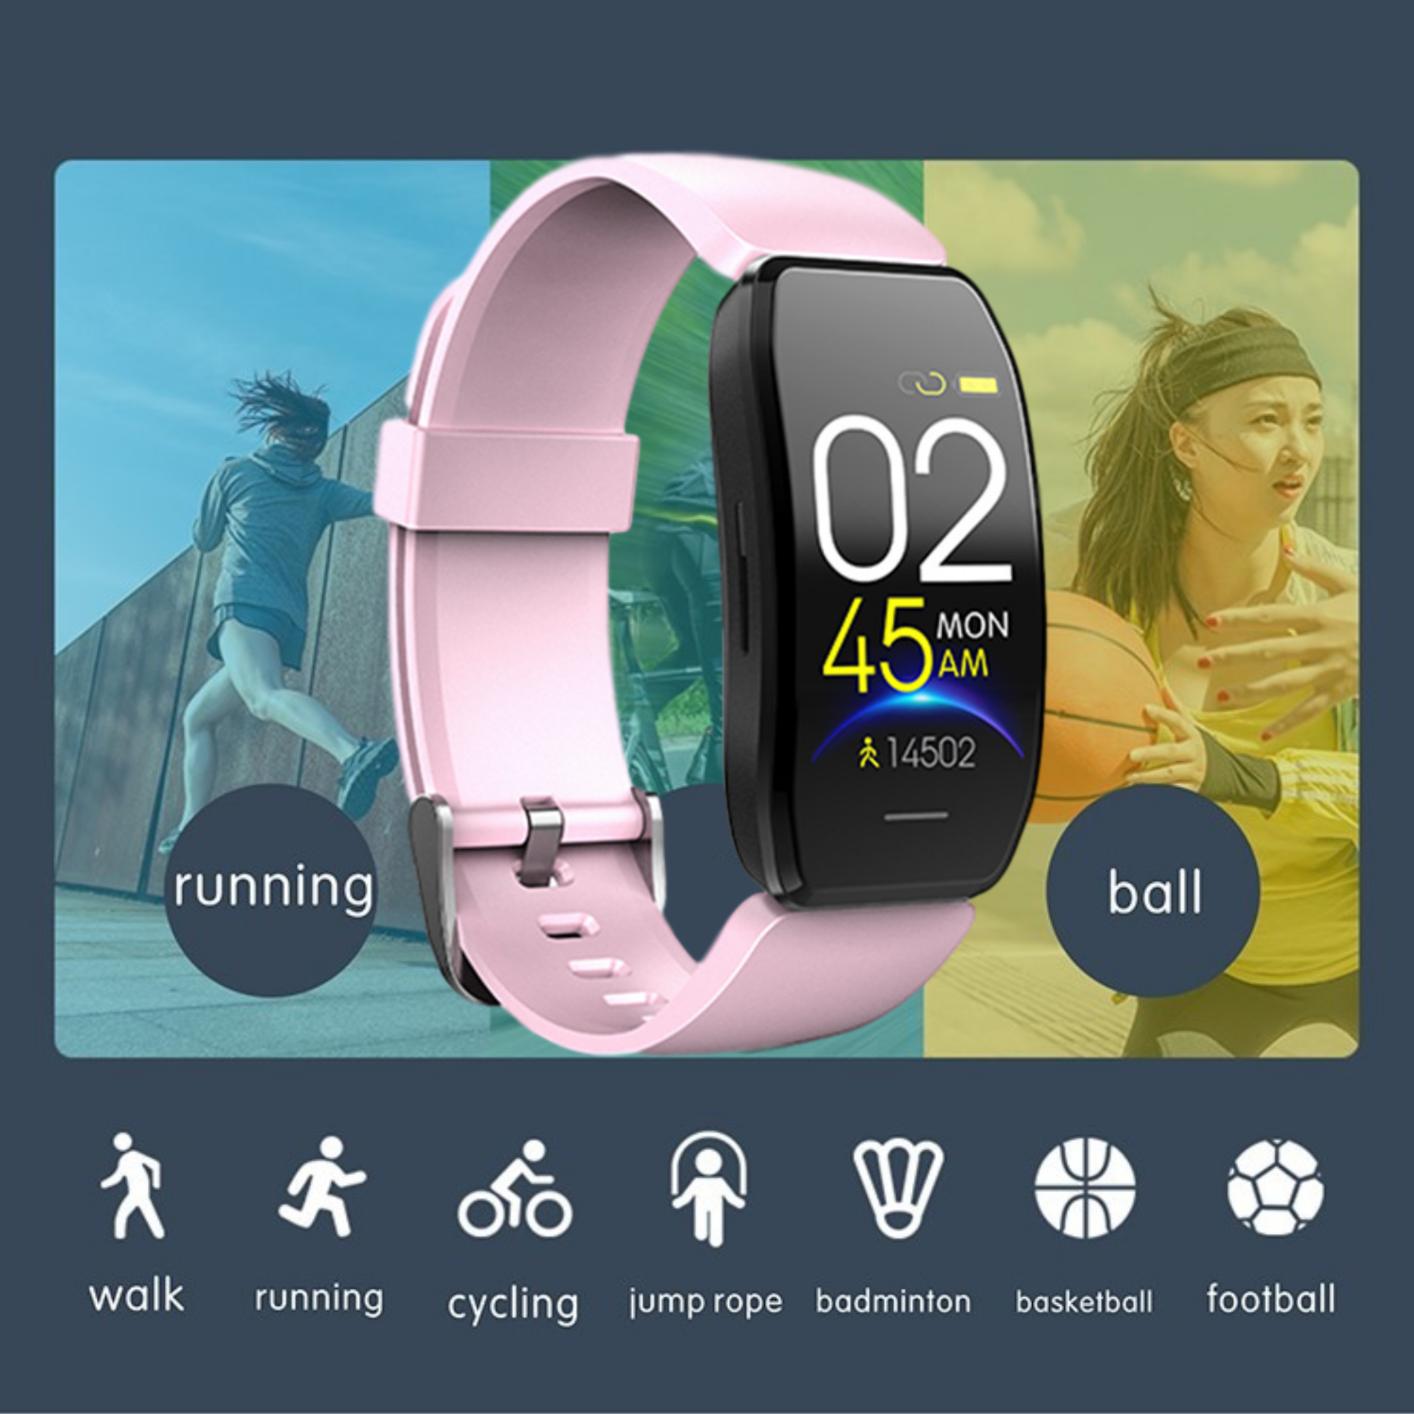 Hình ảnh Đồng Hồ Thông Minh Mới 2020, Đồng Hồ Thông Minh, Máy Theo Dõi Sức Khỏe, Máy Đếm Bước Chân, Màn Hình Màu, Cảm Ứng, Vòng Đeo Tay Thông Minh, Thích Hợp Cho Nền Tảng Android Và IOS